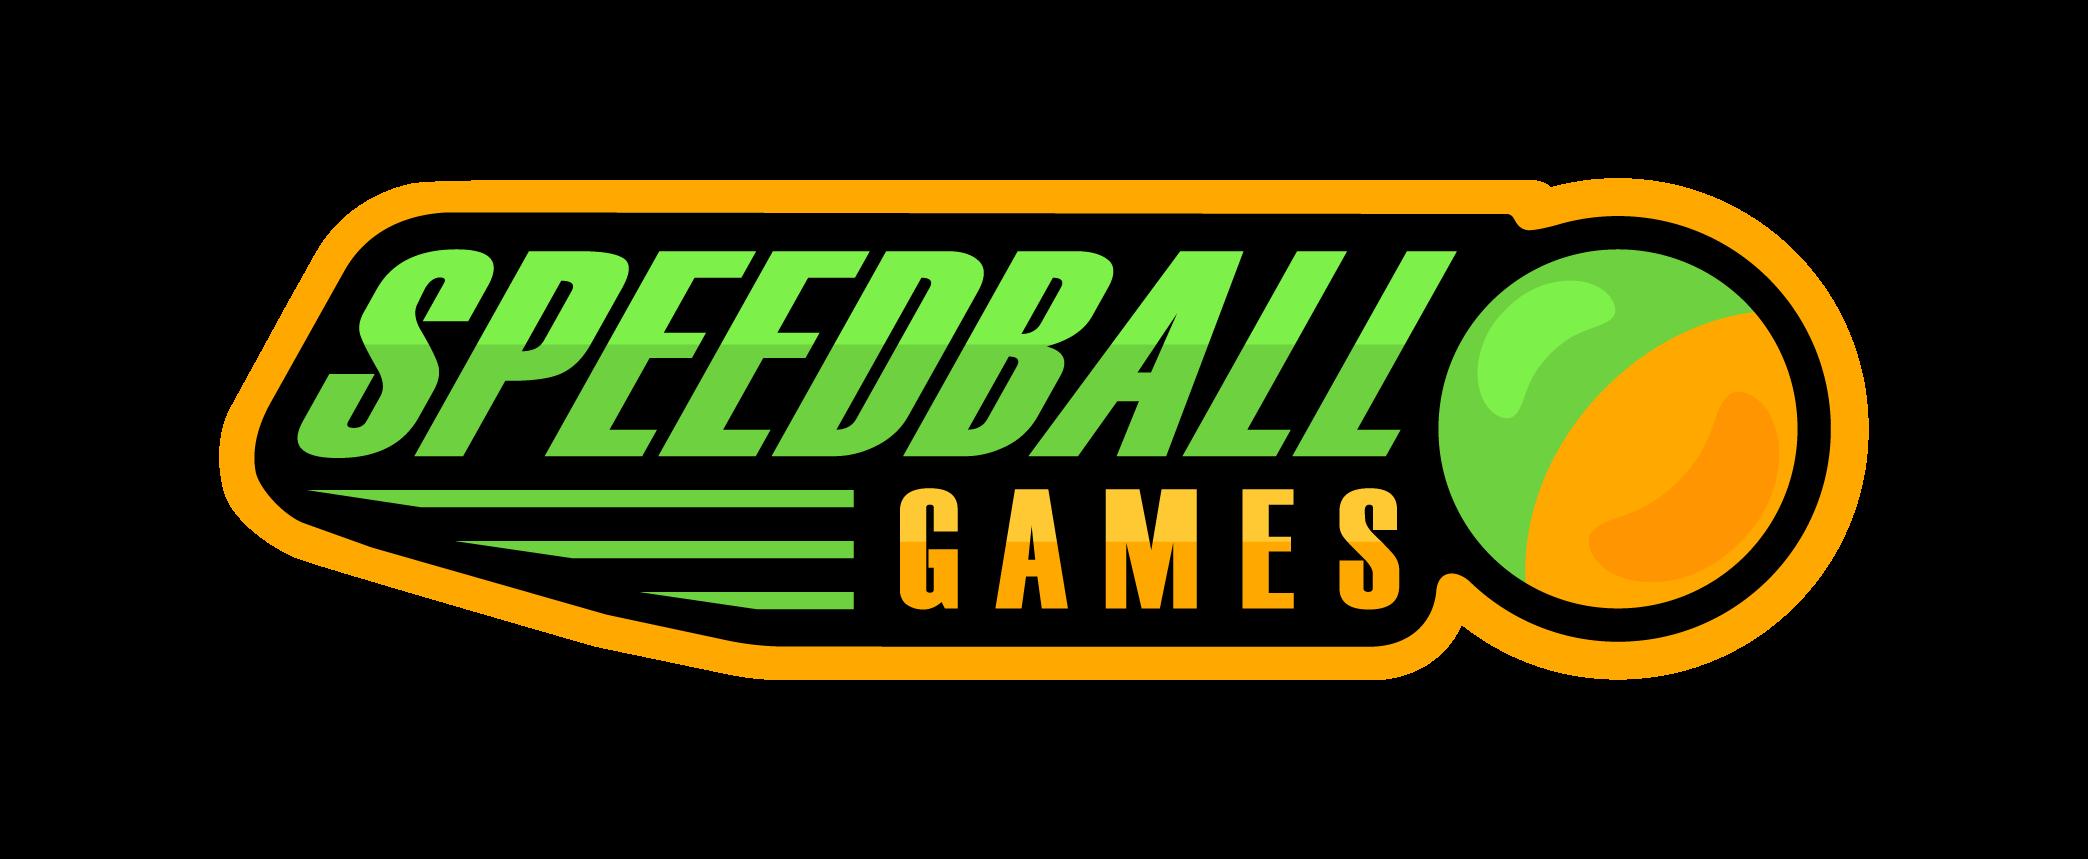 Speedball Games - Värikuulapelit ja varusteet -